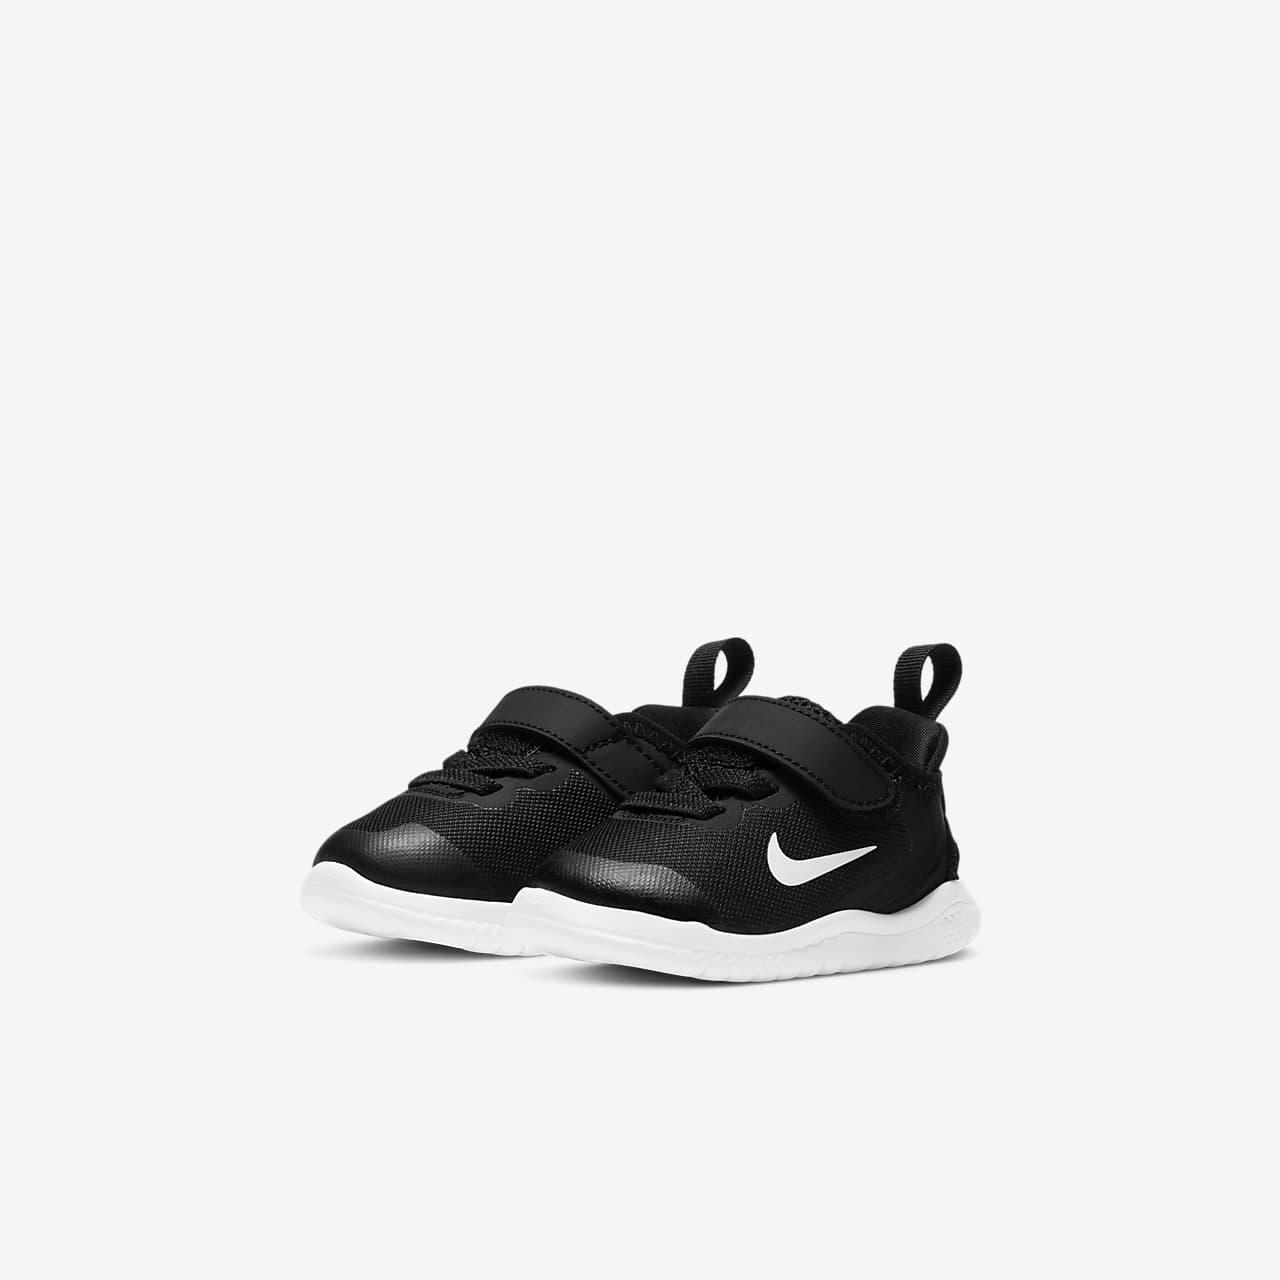 c0ad13868989 Nike Free RN 2018 Baby  amp  Toddler Shoe. Nike.com CA